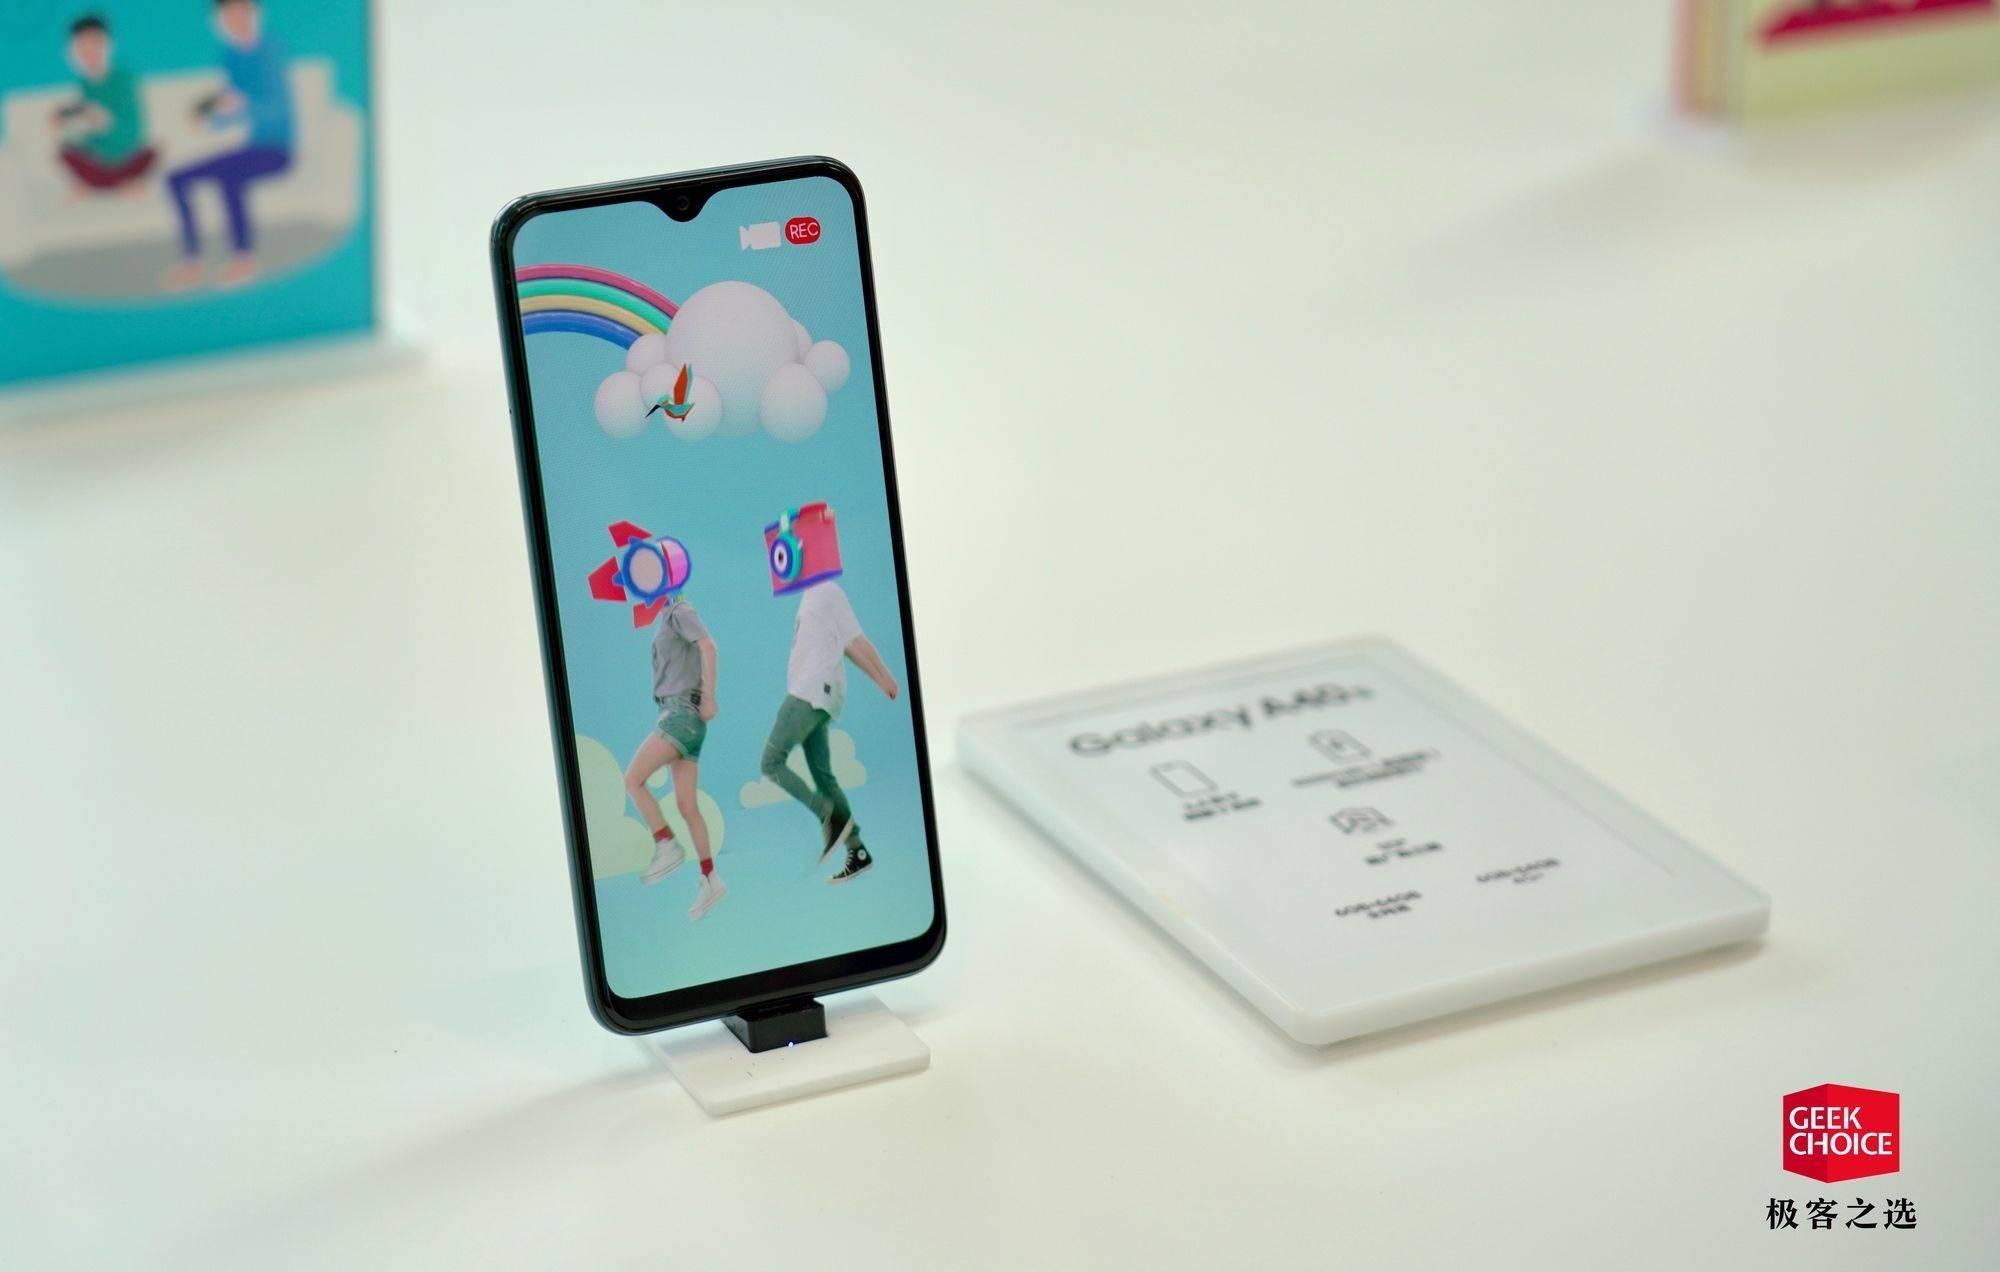 三星发布四款 Galaxy A 系列新机:你想到的全面屏形态全都有